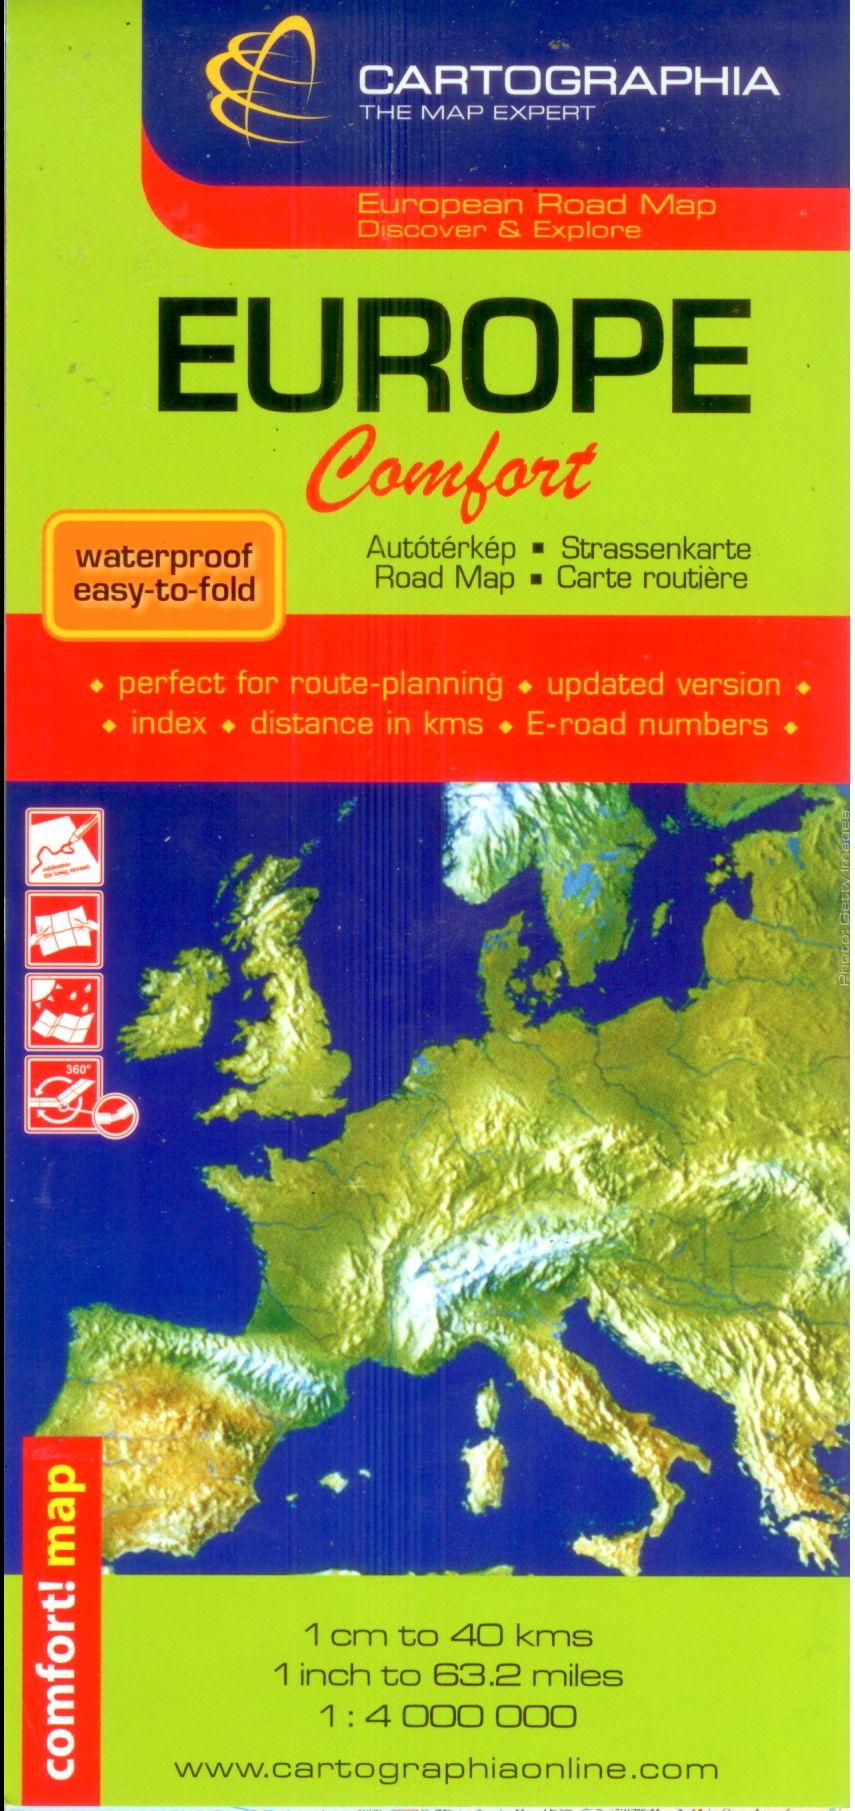 Európa műanyag borítású (vízhatlan) patent hajtogatású politikai színezésű autótérképe